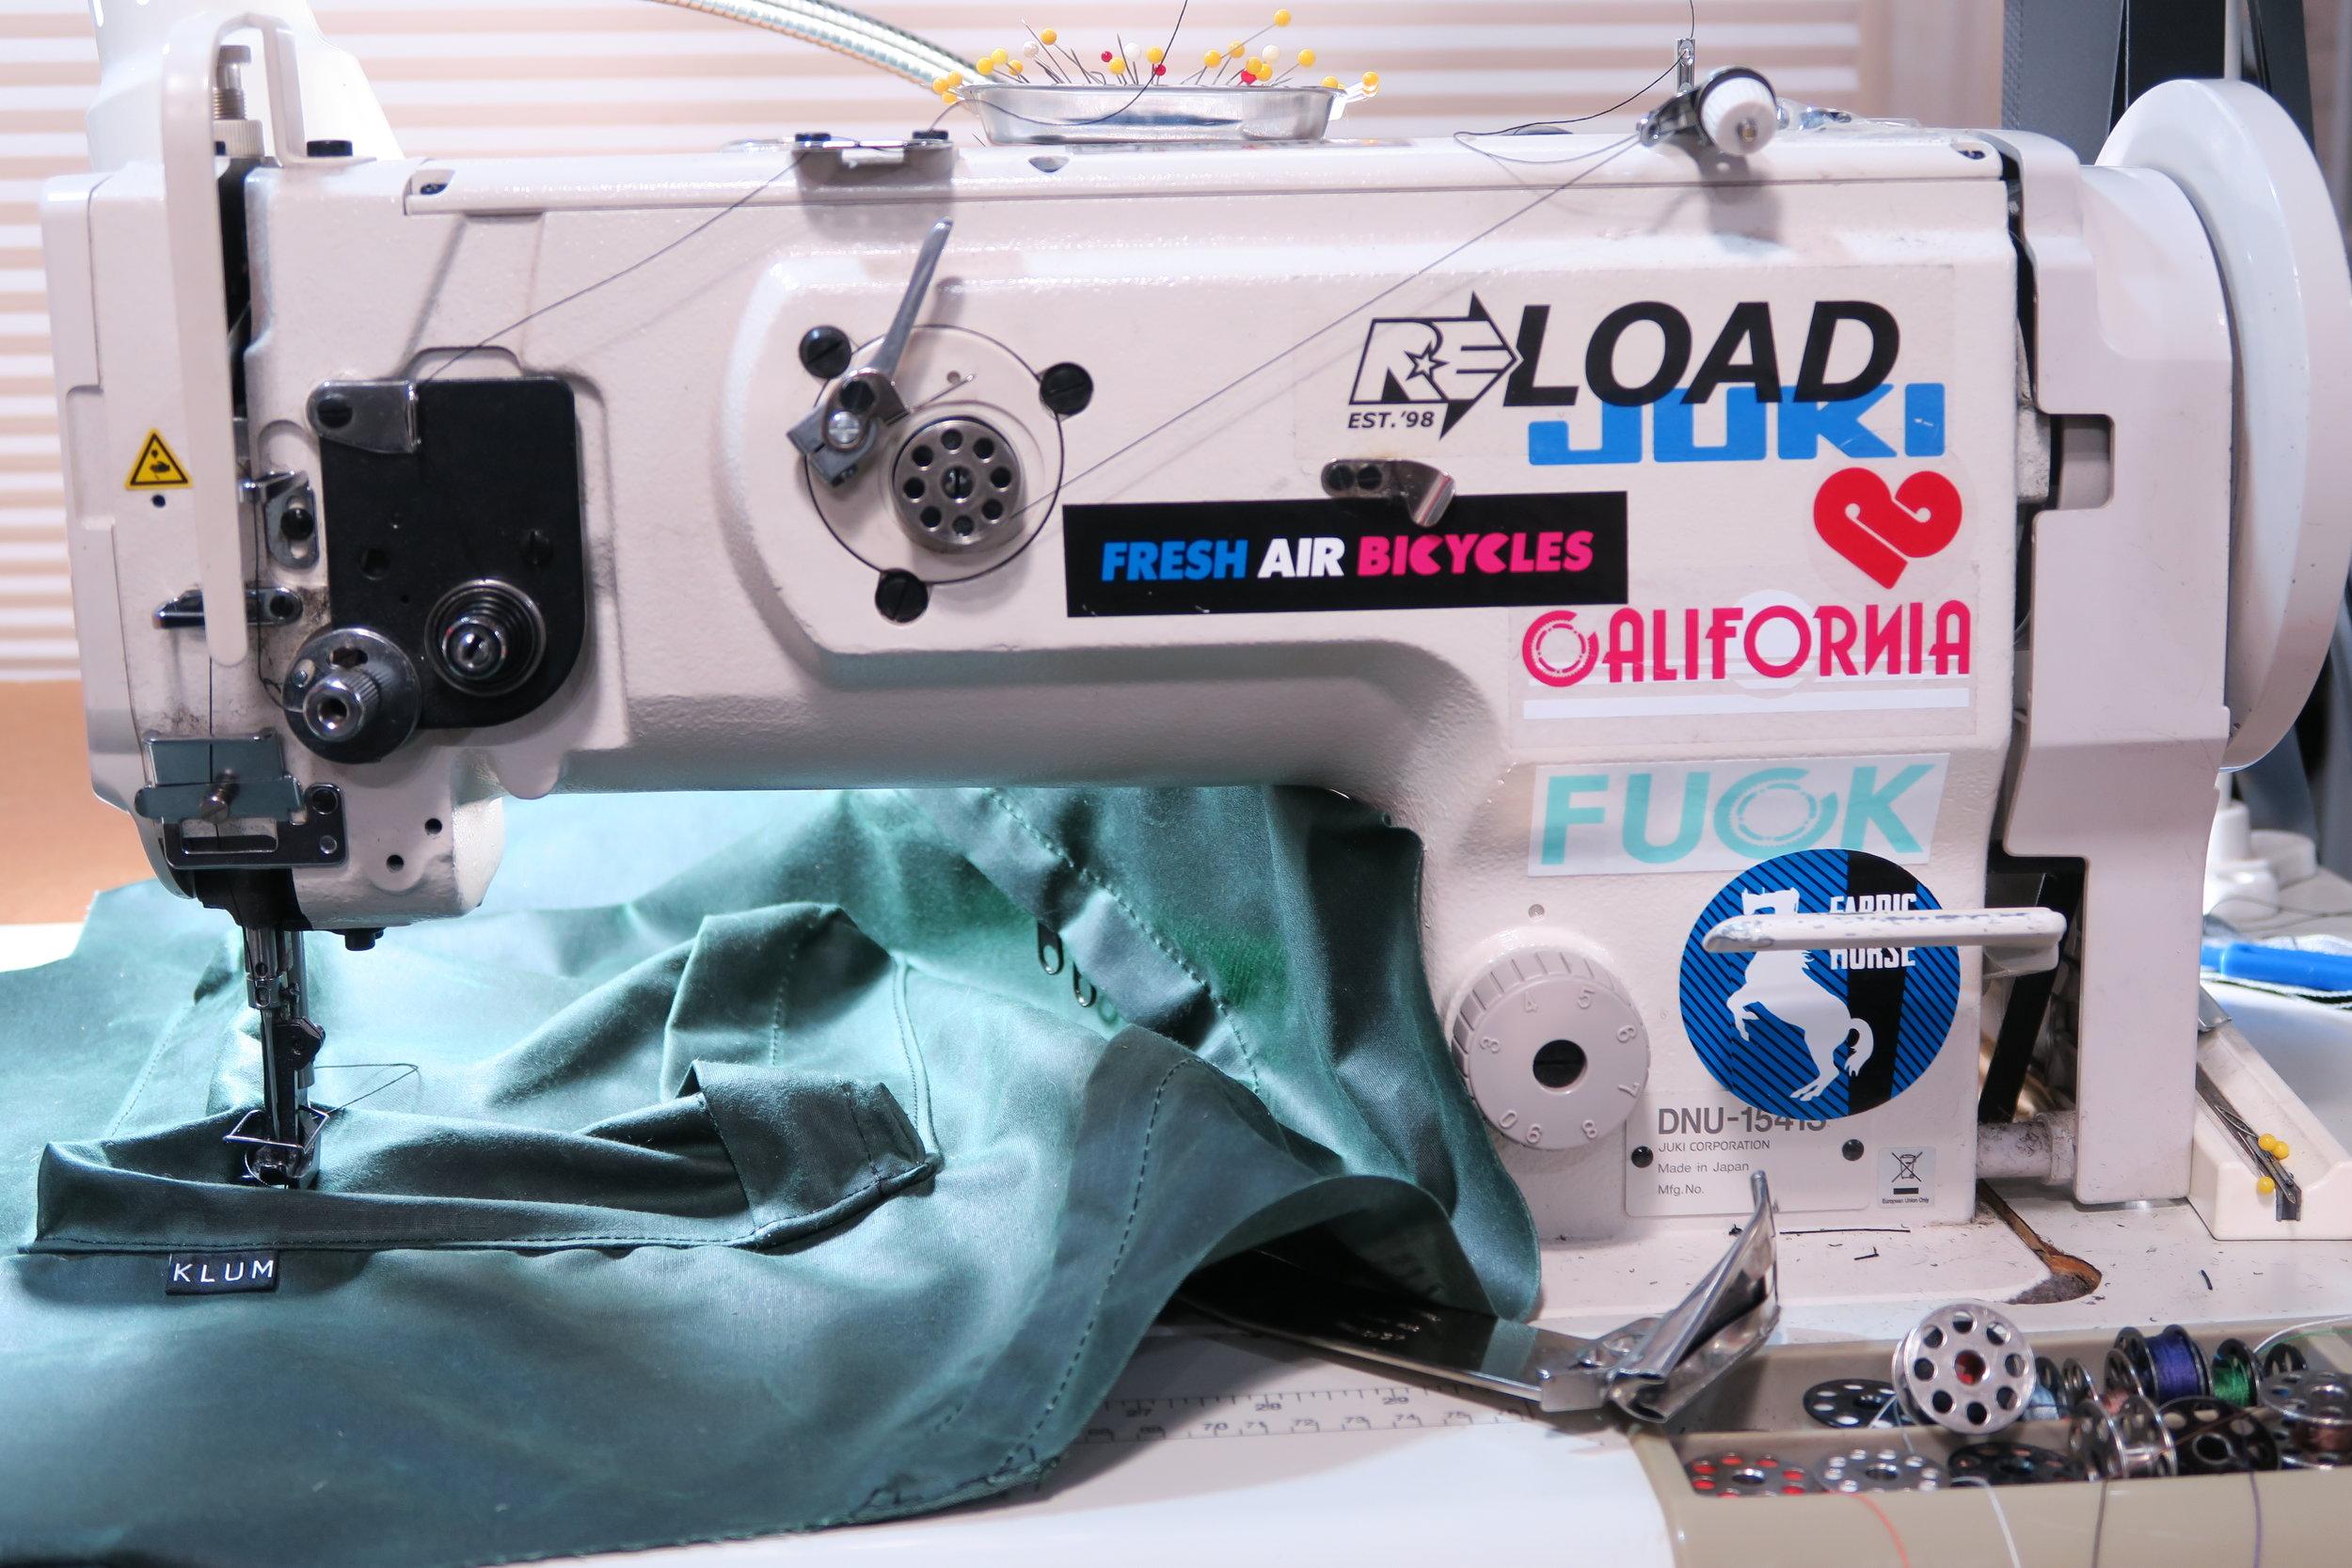 Main Sewing Machine Klum.JPG